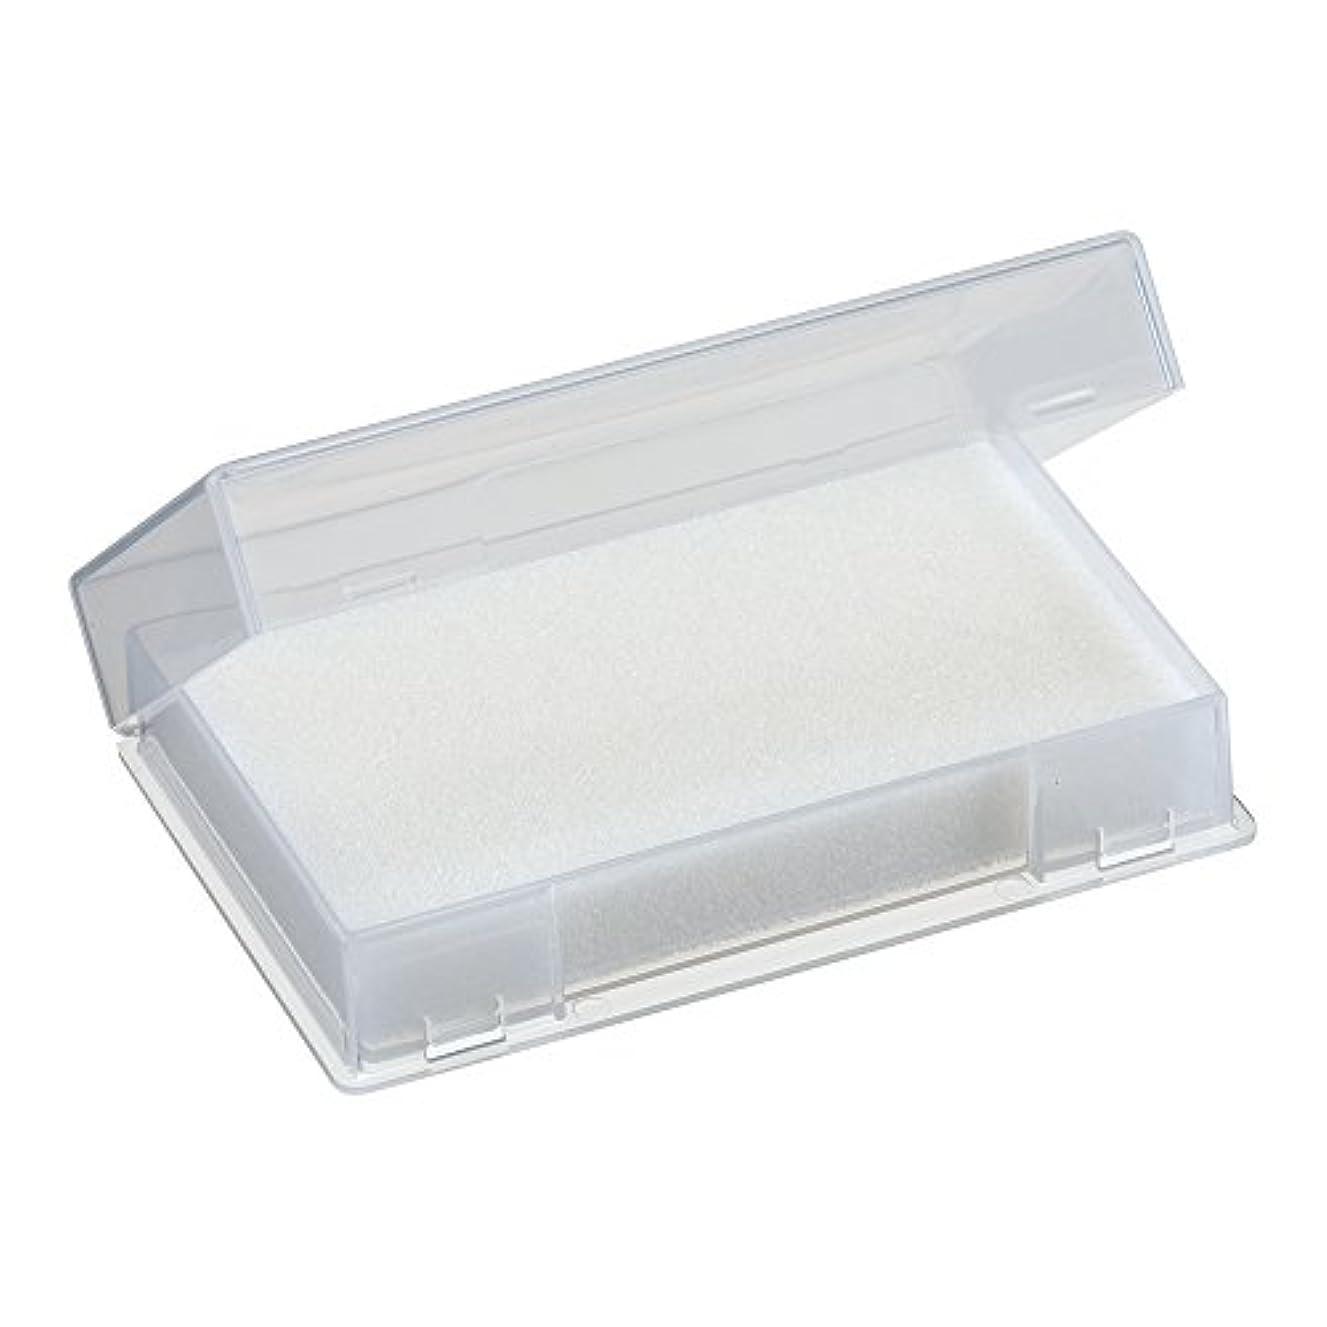 研磨栄養控えめなネイルチップケース ホワイト